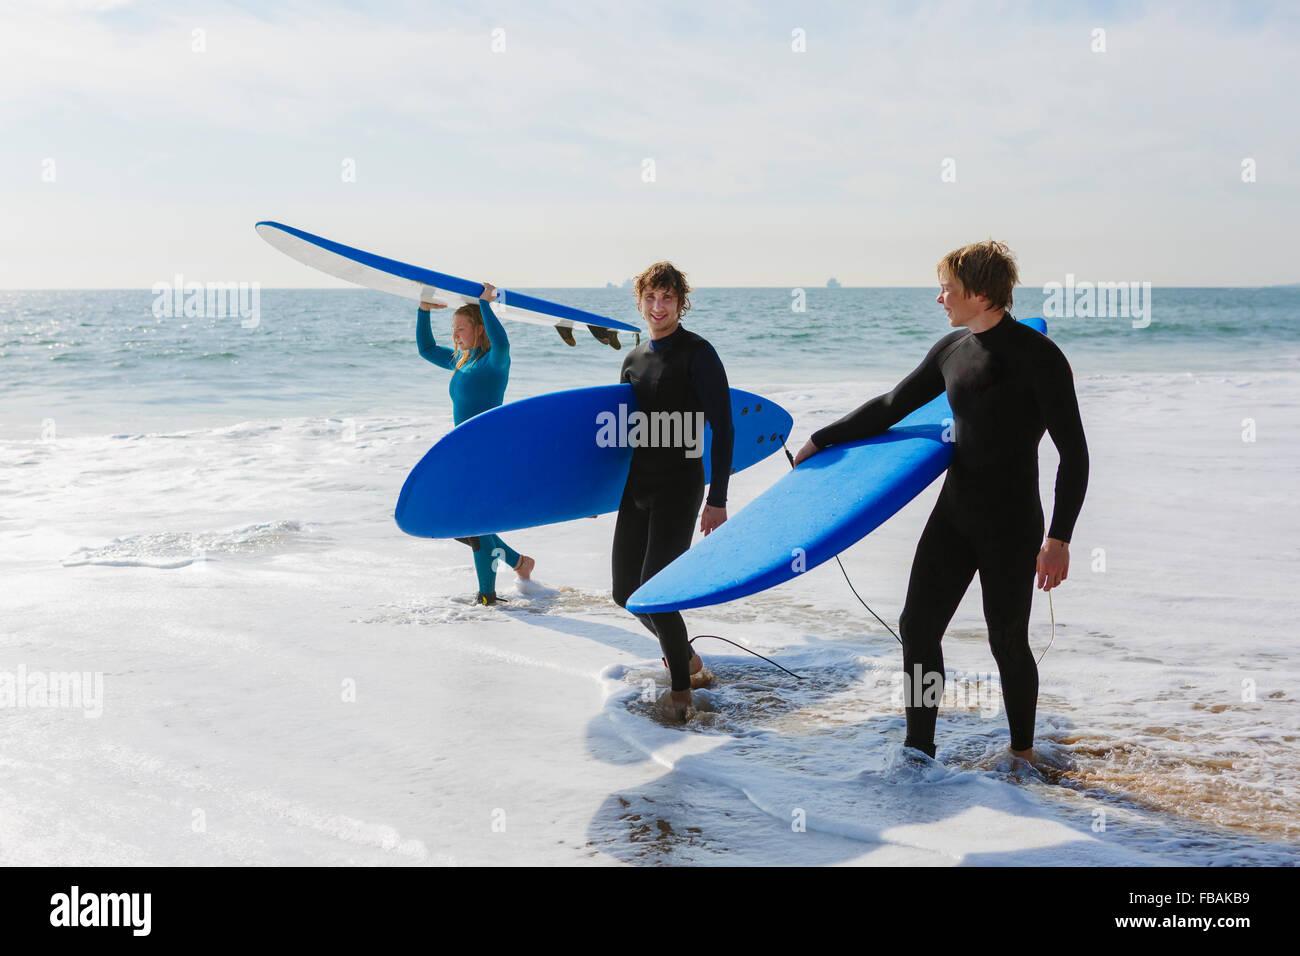 Portugal, Lisbonne, trois personnes transportant des planches sur la plage Photo Stock